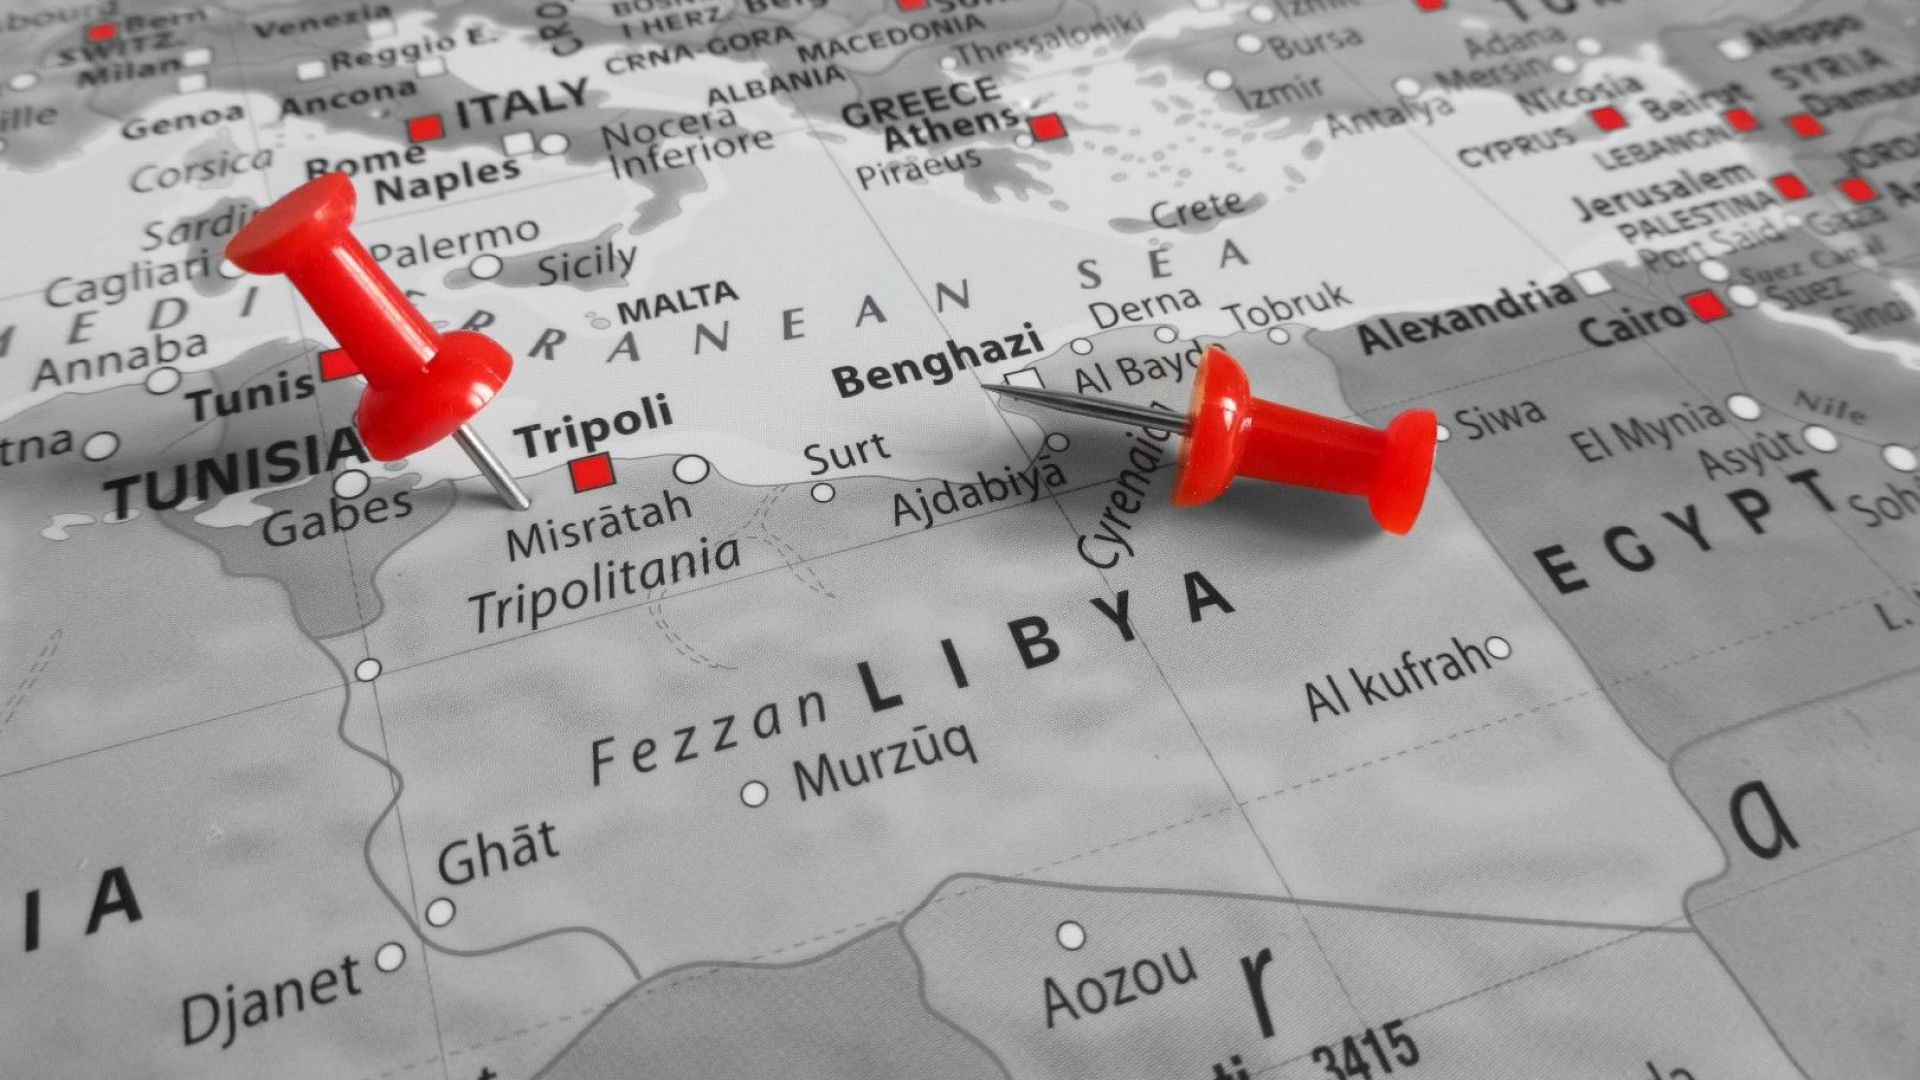 Пак ли война? Путин ще сложи ръка на Либия, както направи със Сирия